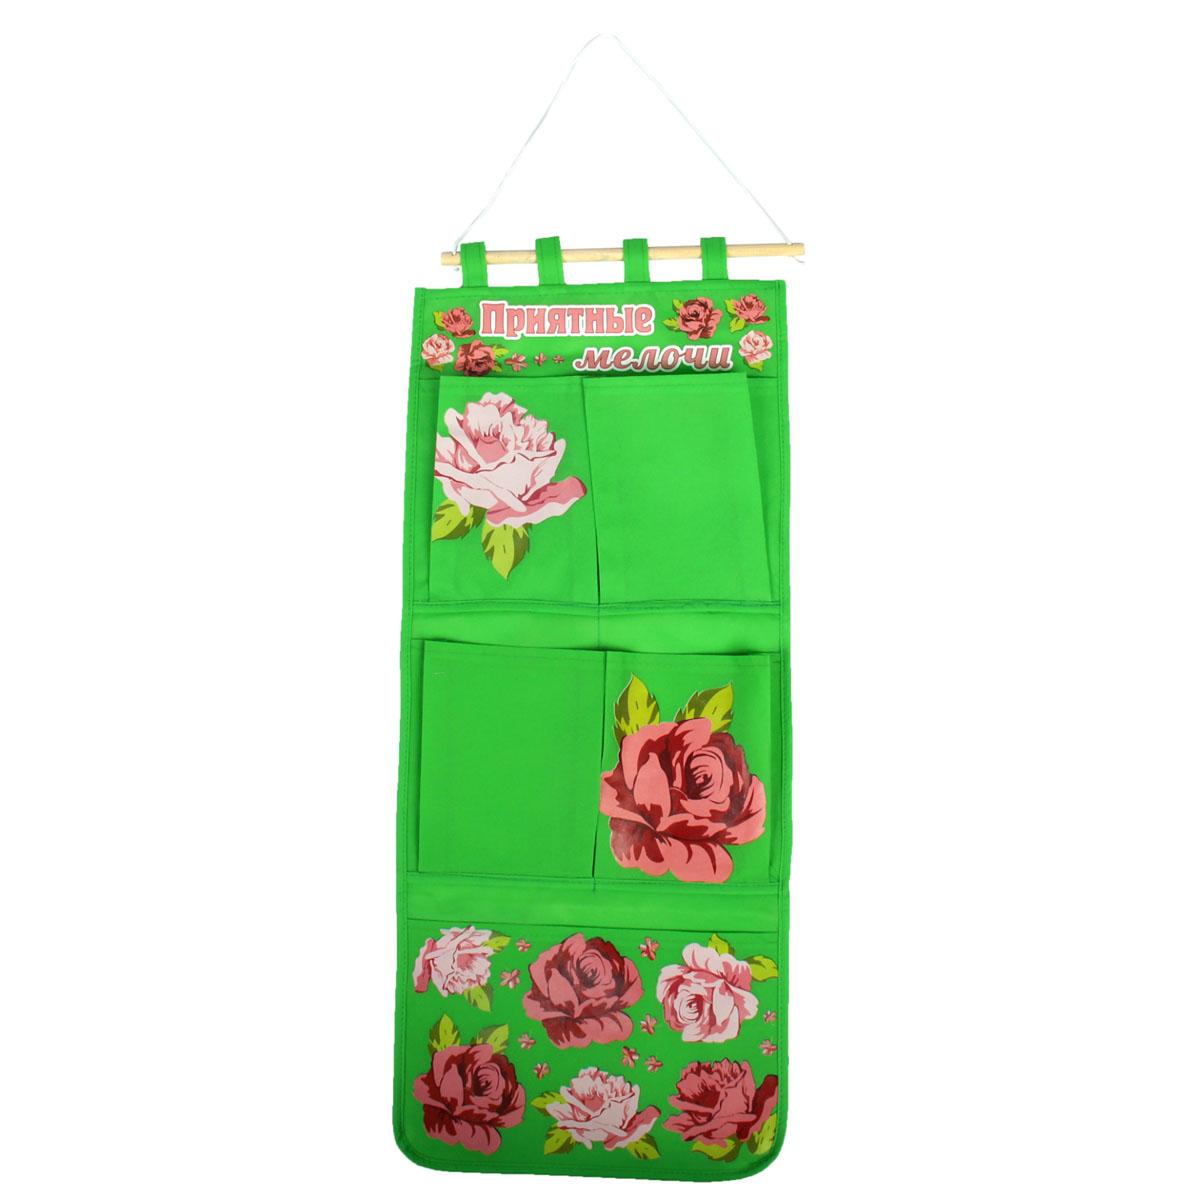 Кармашки на стену Sima-land Приятные мелочи, цвет: салатовый, розовый, бордовый, 5 штRG-D31SКармашки на стену Sima-land «Приятные мелочи», изготовленные из текстиля, предназначены для хранения необходимых вещей, множества мелочей в гардеробной, ванной, детской комнатах. Изделие представляет собой текстильное полотно с пятью пришитыми кармашками. Благодаря деревянной планке и шнурку, кармашки можно подвесить на стену или дверь в необходимом для вас месте. Кармашки декорированы изображениями роз и надписью «Приятные мелочи.Этот нужный предмет может стать одновременно и декоративным элементом комнаты. Яркий дизайн, как ничто иное, способен оживить интерьер вашего дома.